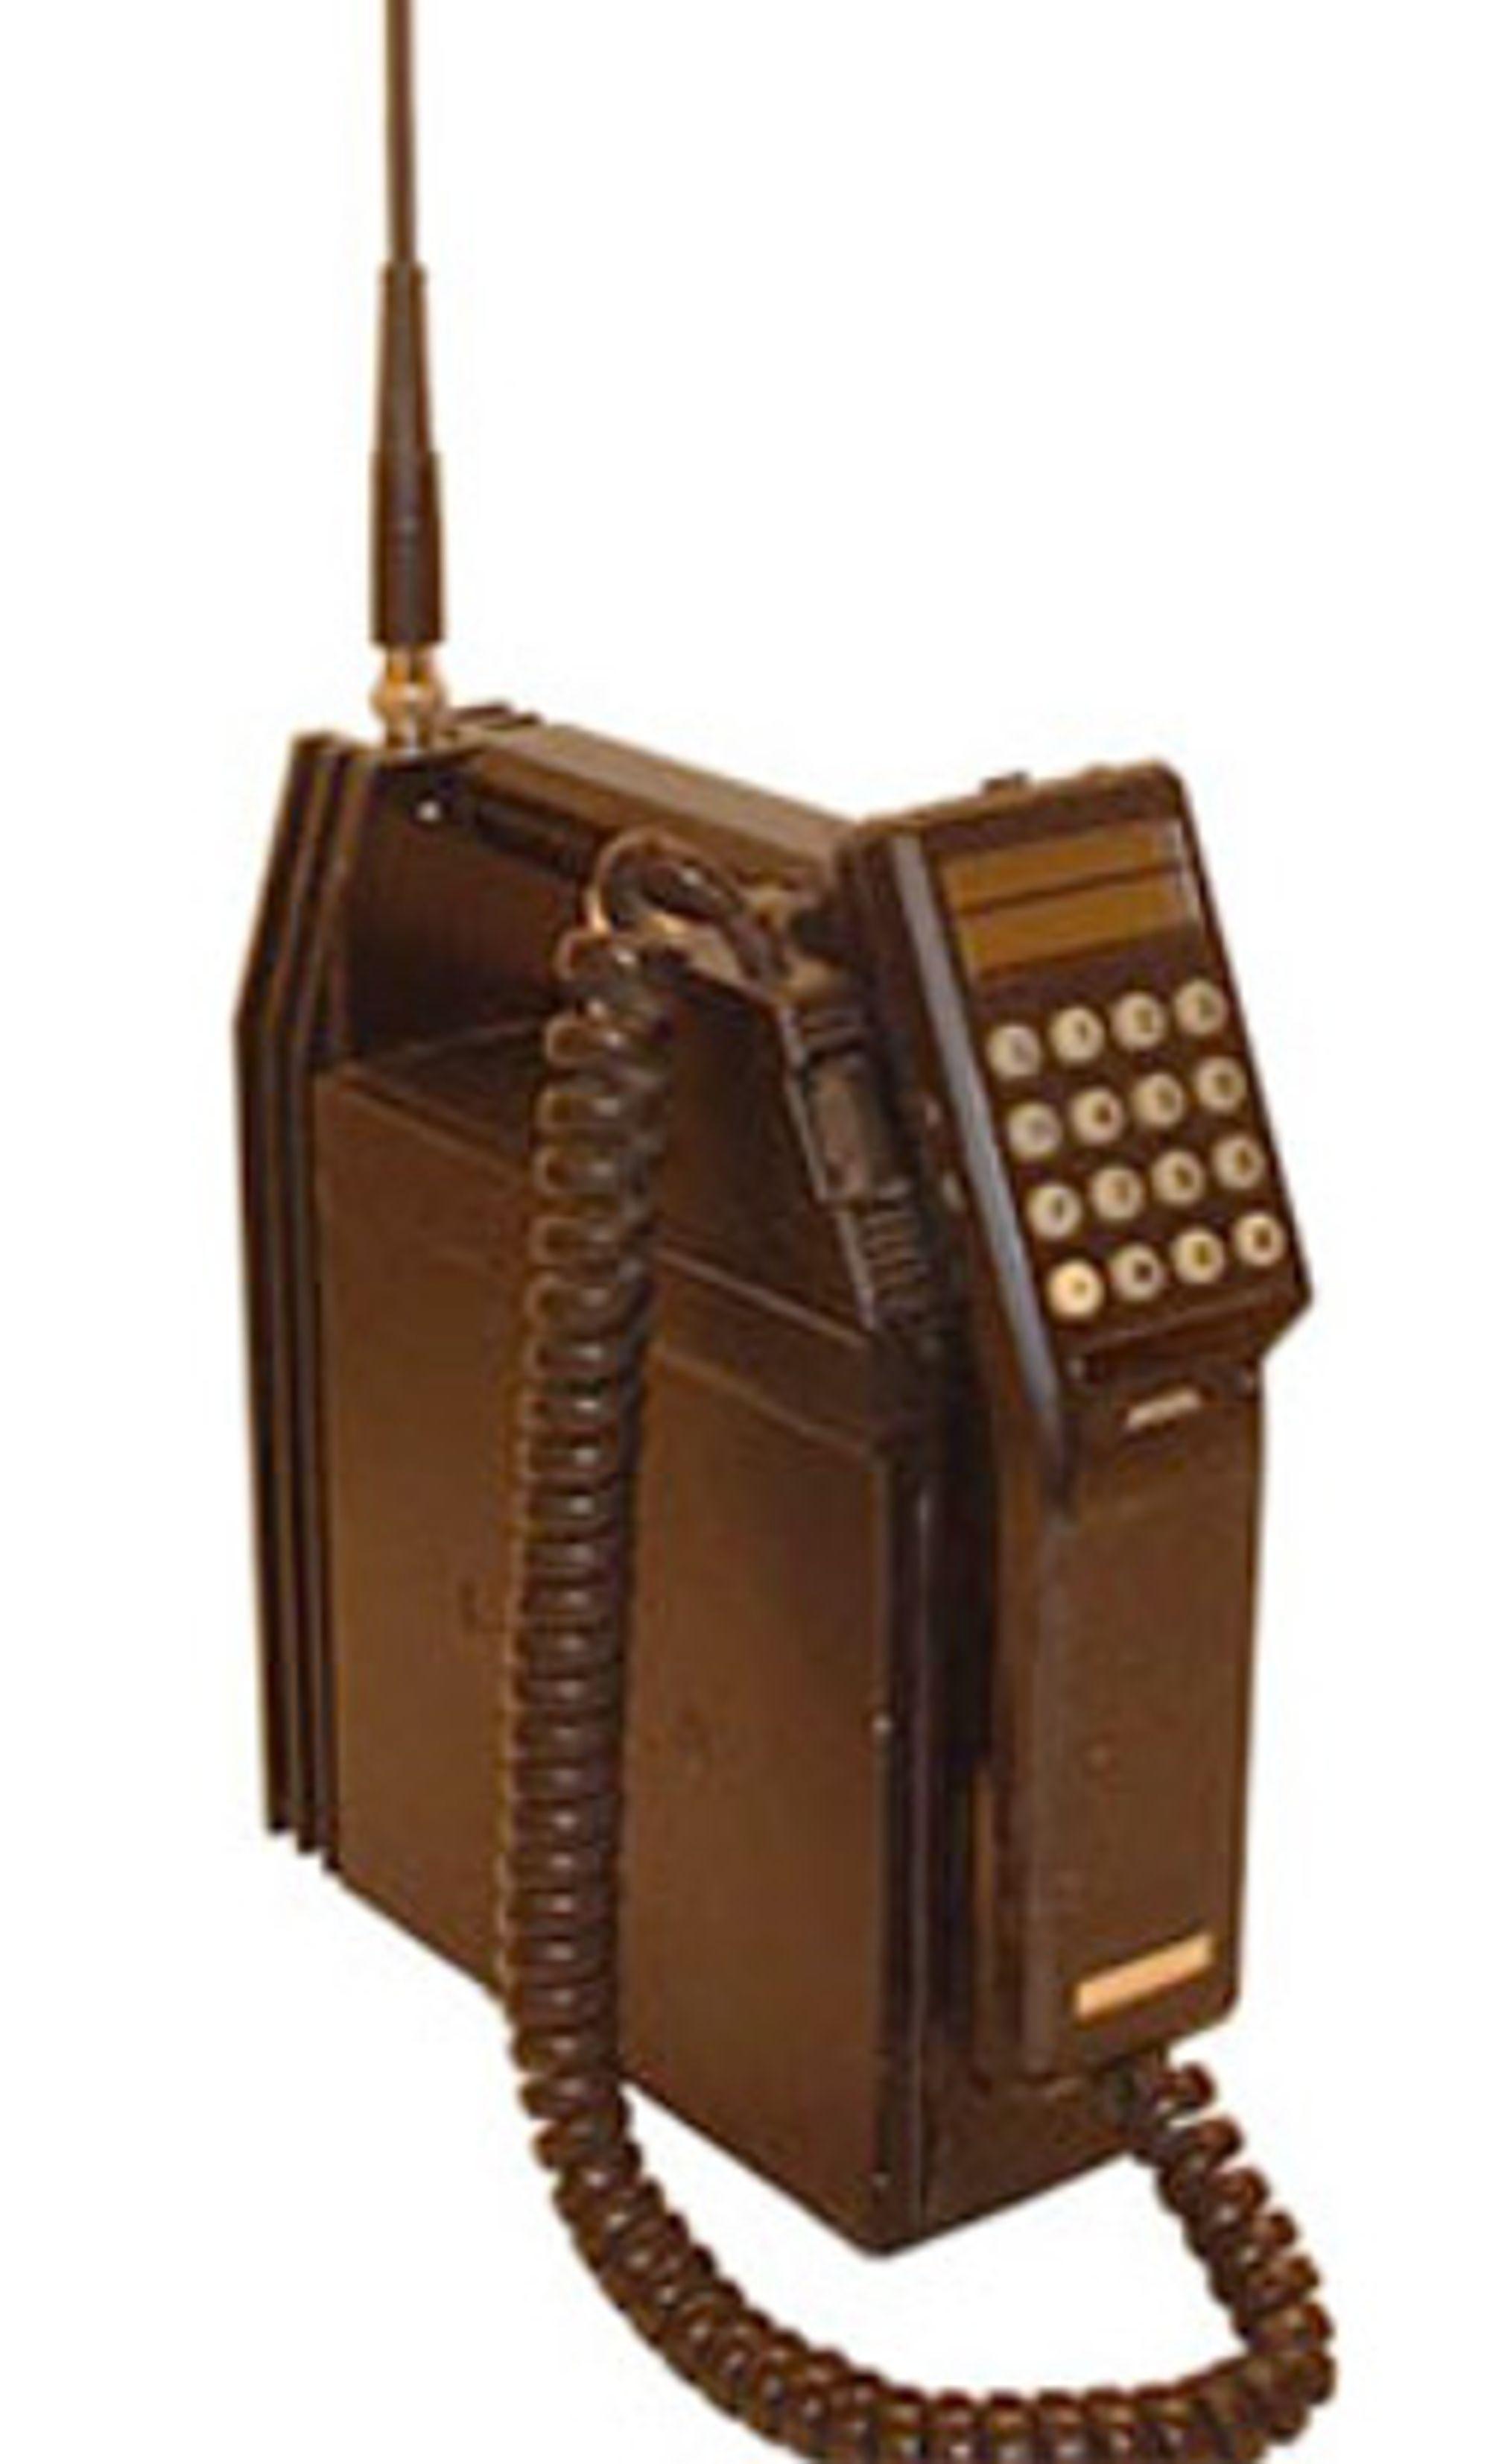 Nokia Mobira Talkman ble lansert i 1985. Denne telefonen kunne du ha med deg hvor du enn hadde tenkt deg.